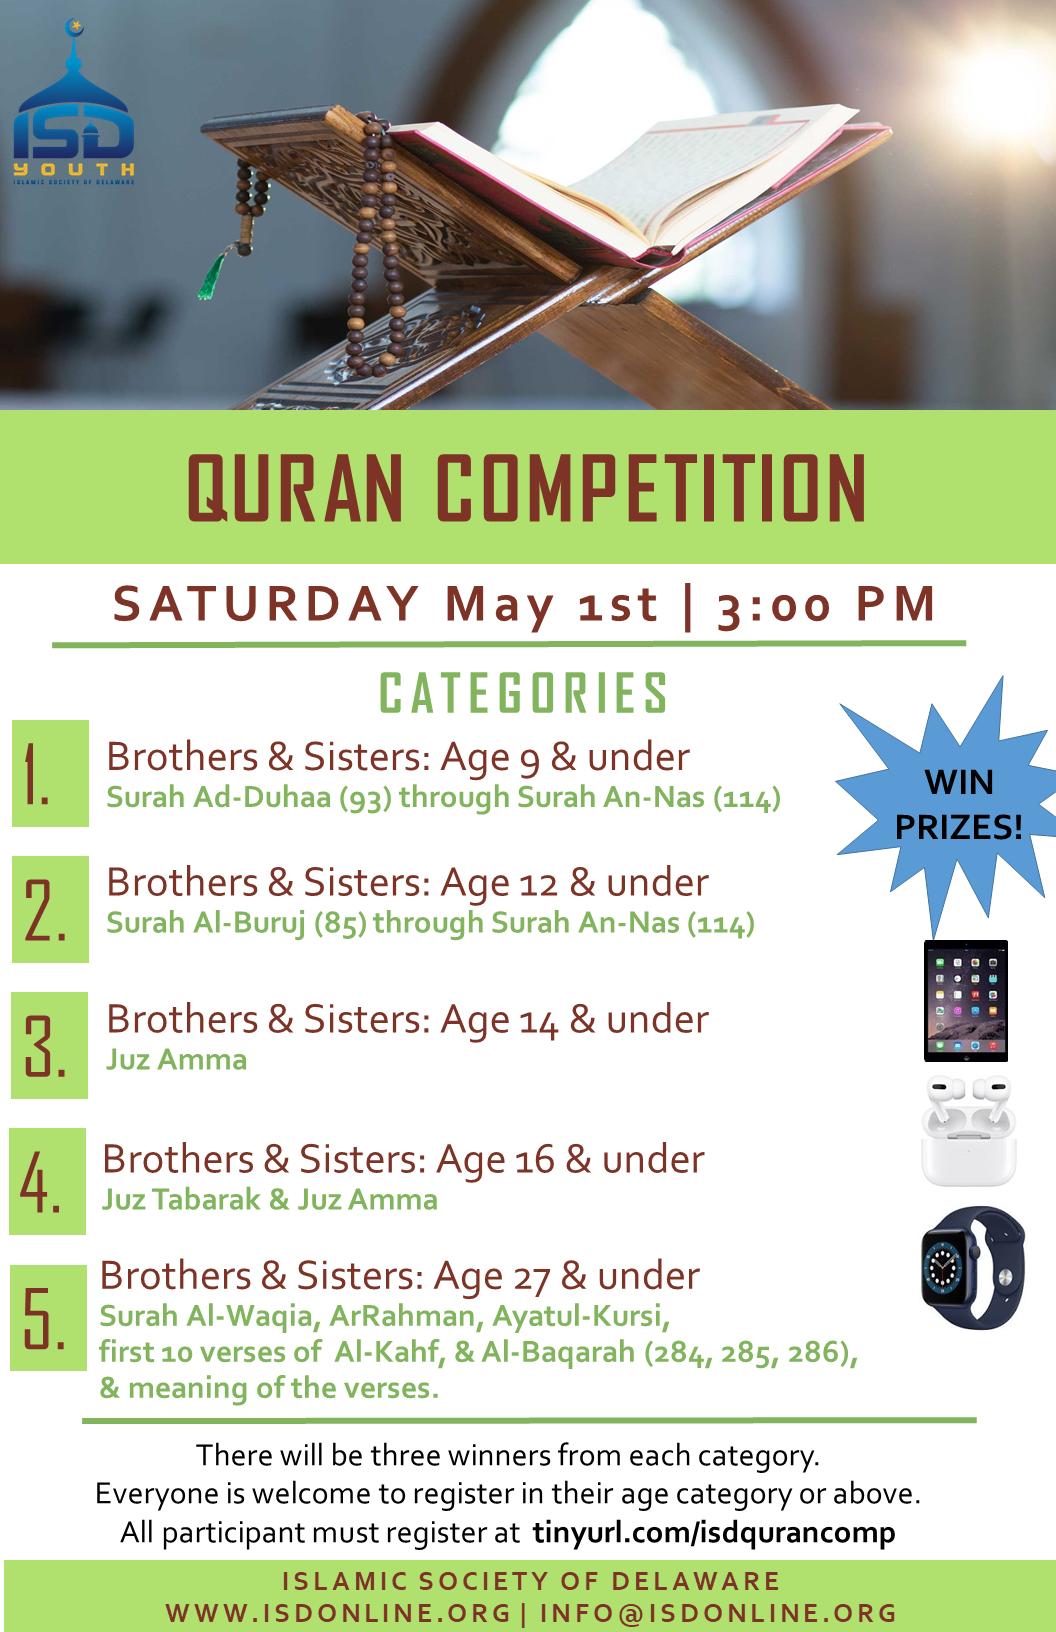 Quran Competition at Masjid Ibrahim